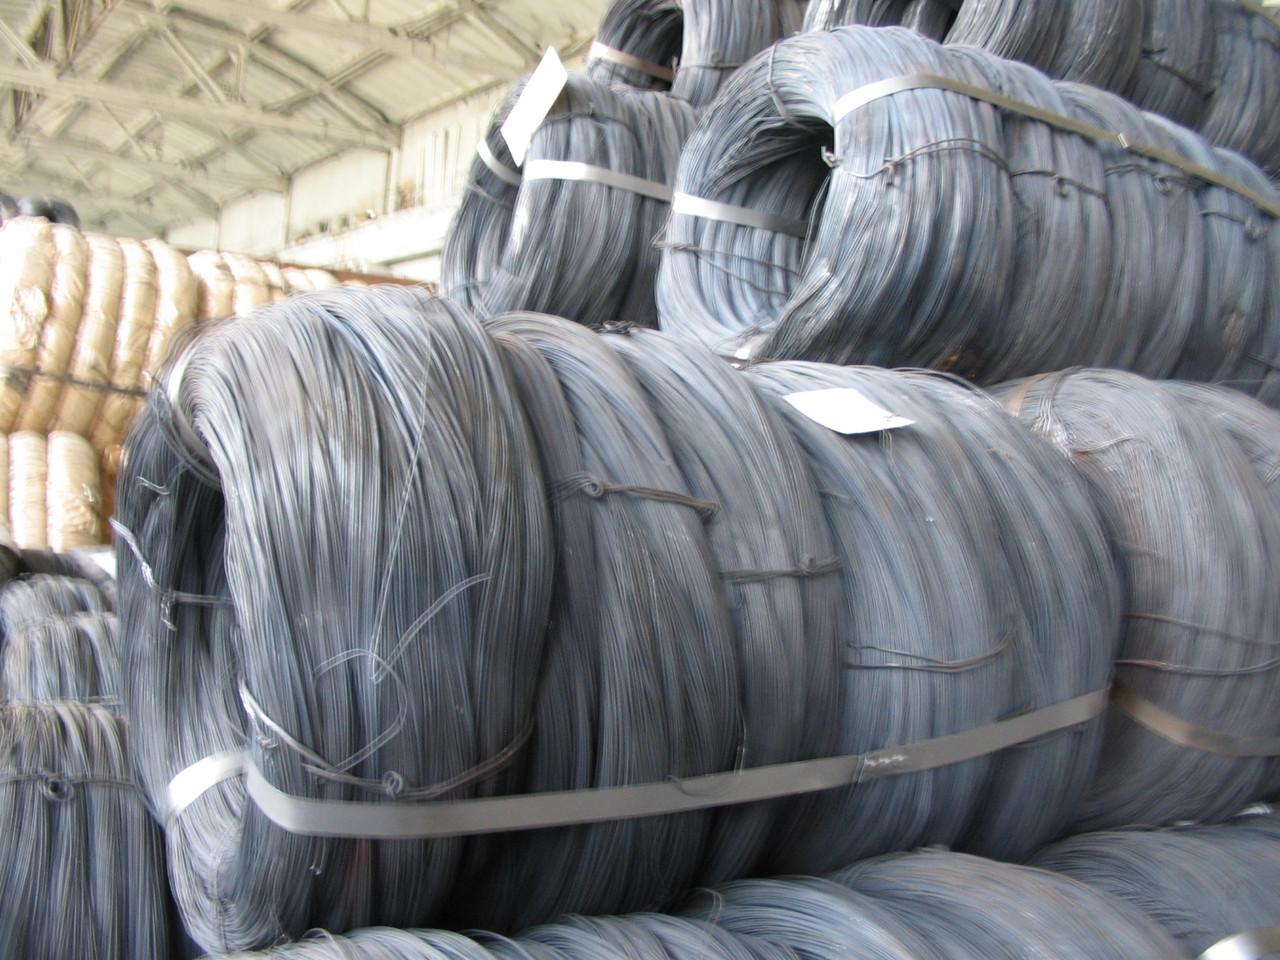 Проволока низкоуглеродистая термически обработанная  Гост 3282-74 ф1,2 мм купить цена доставка